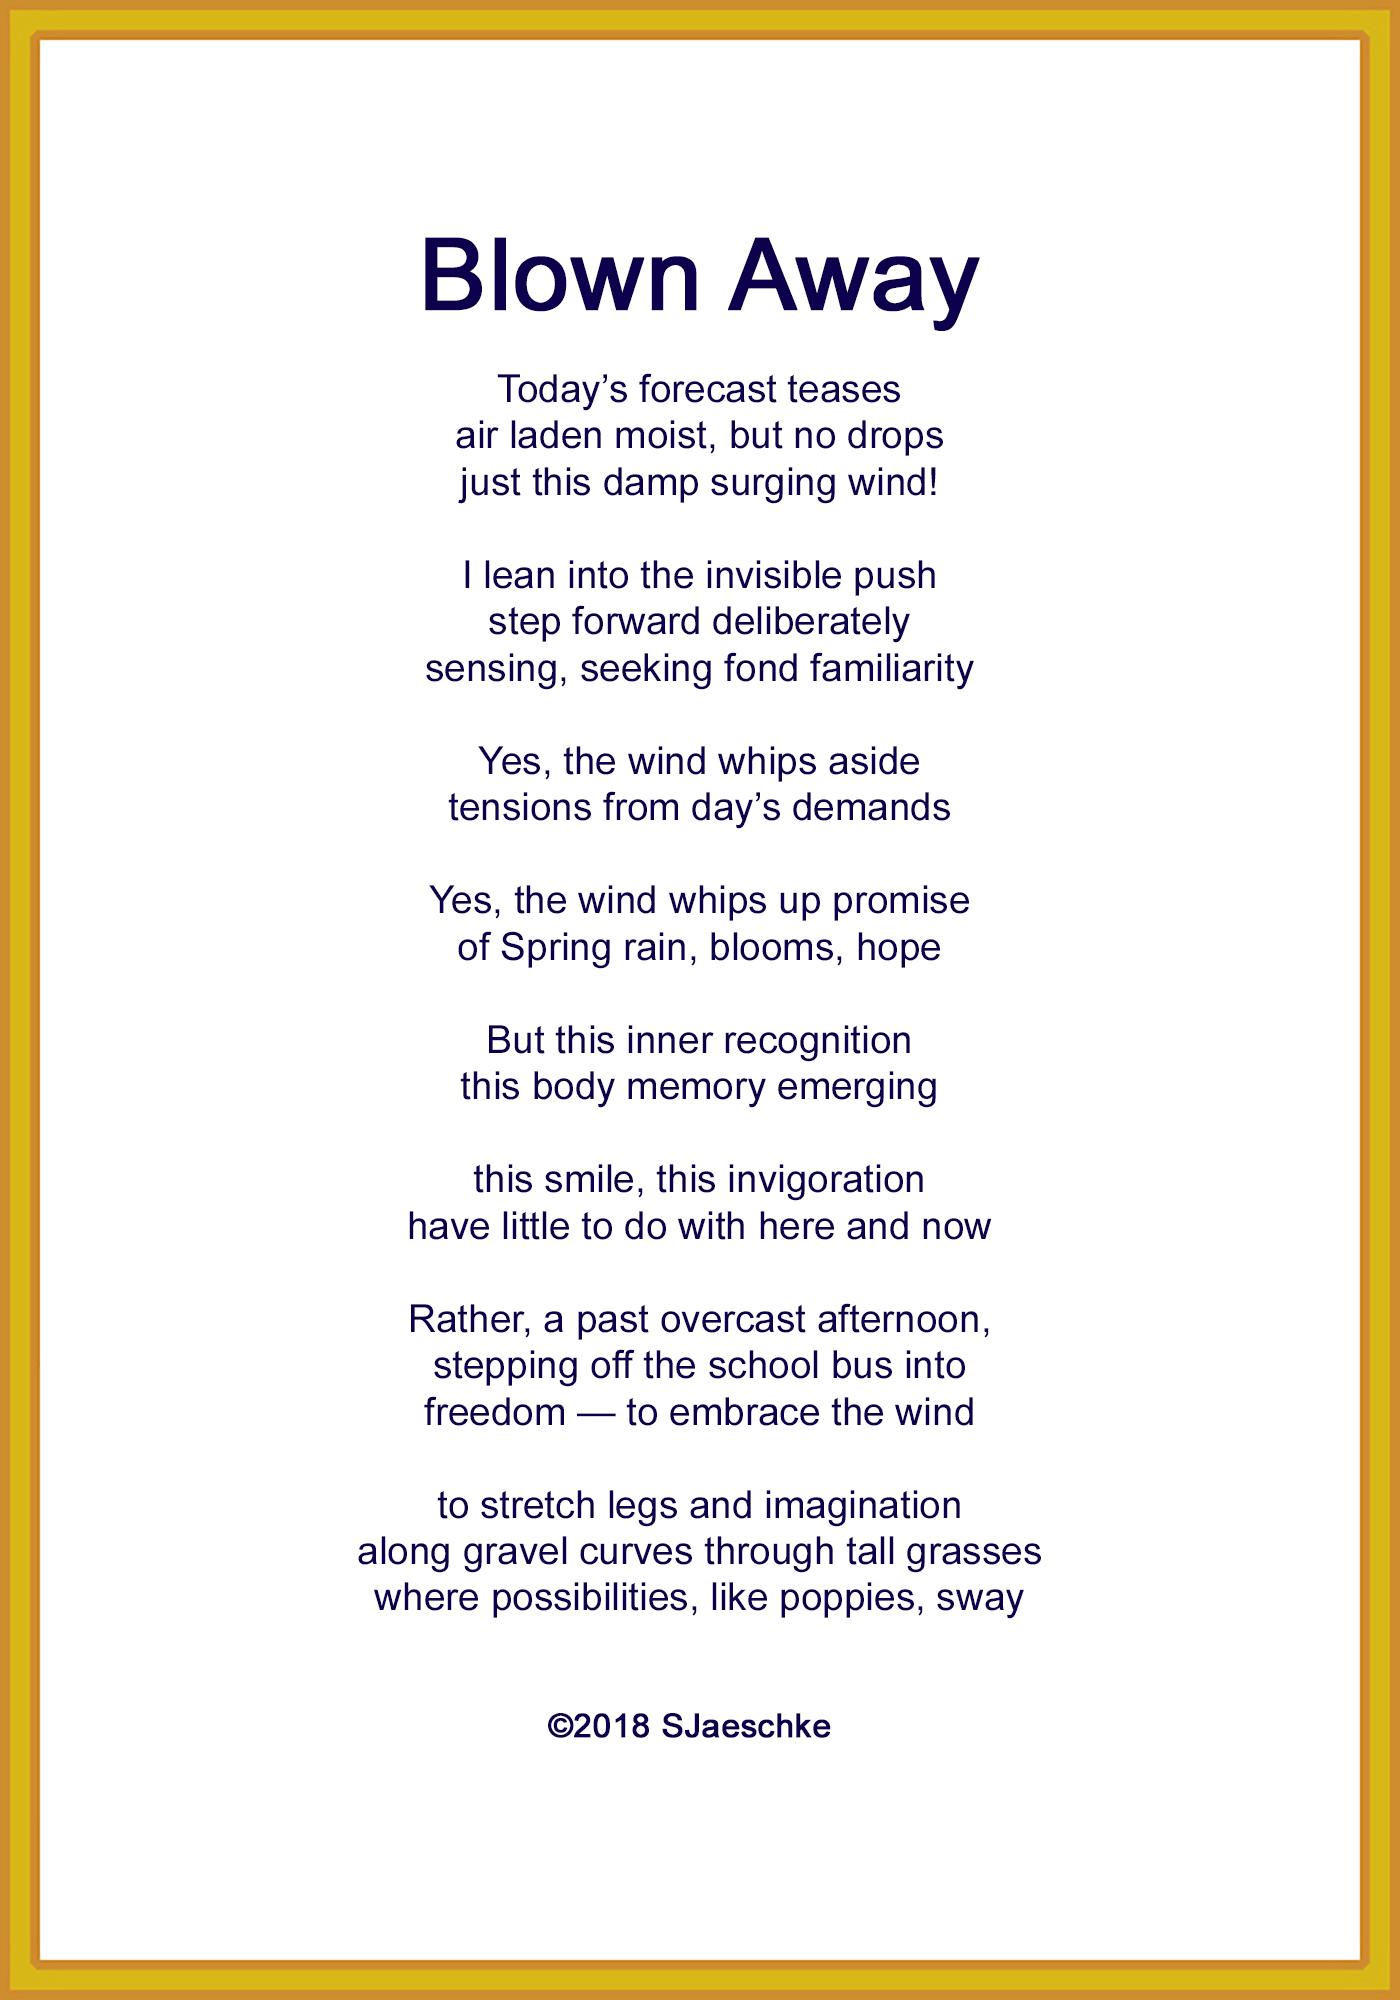 Post_2018-05-03_Poem_BlownAway